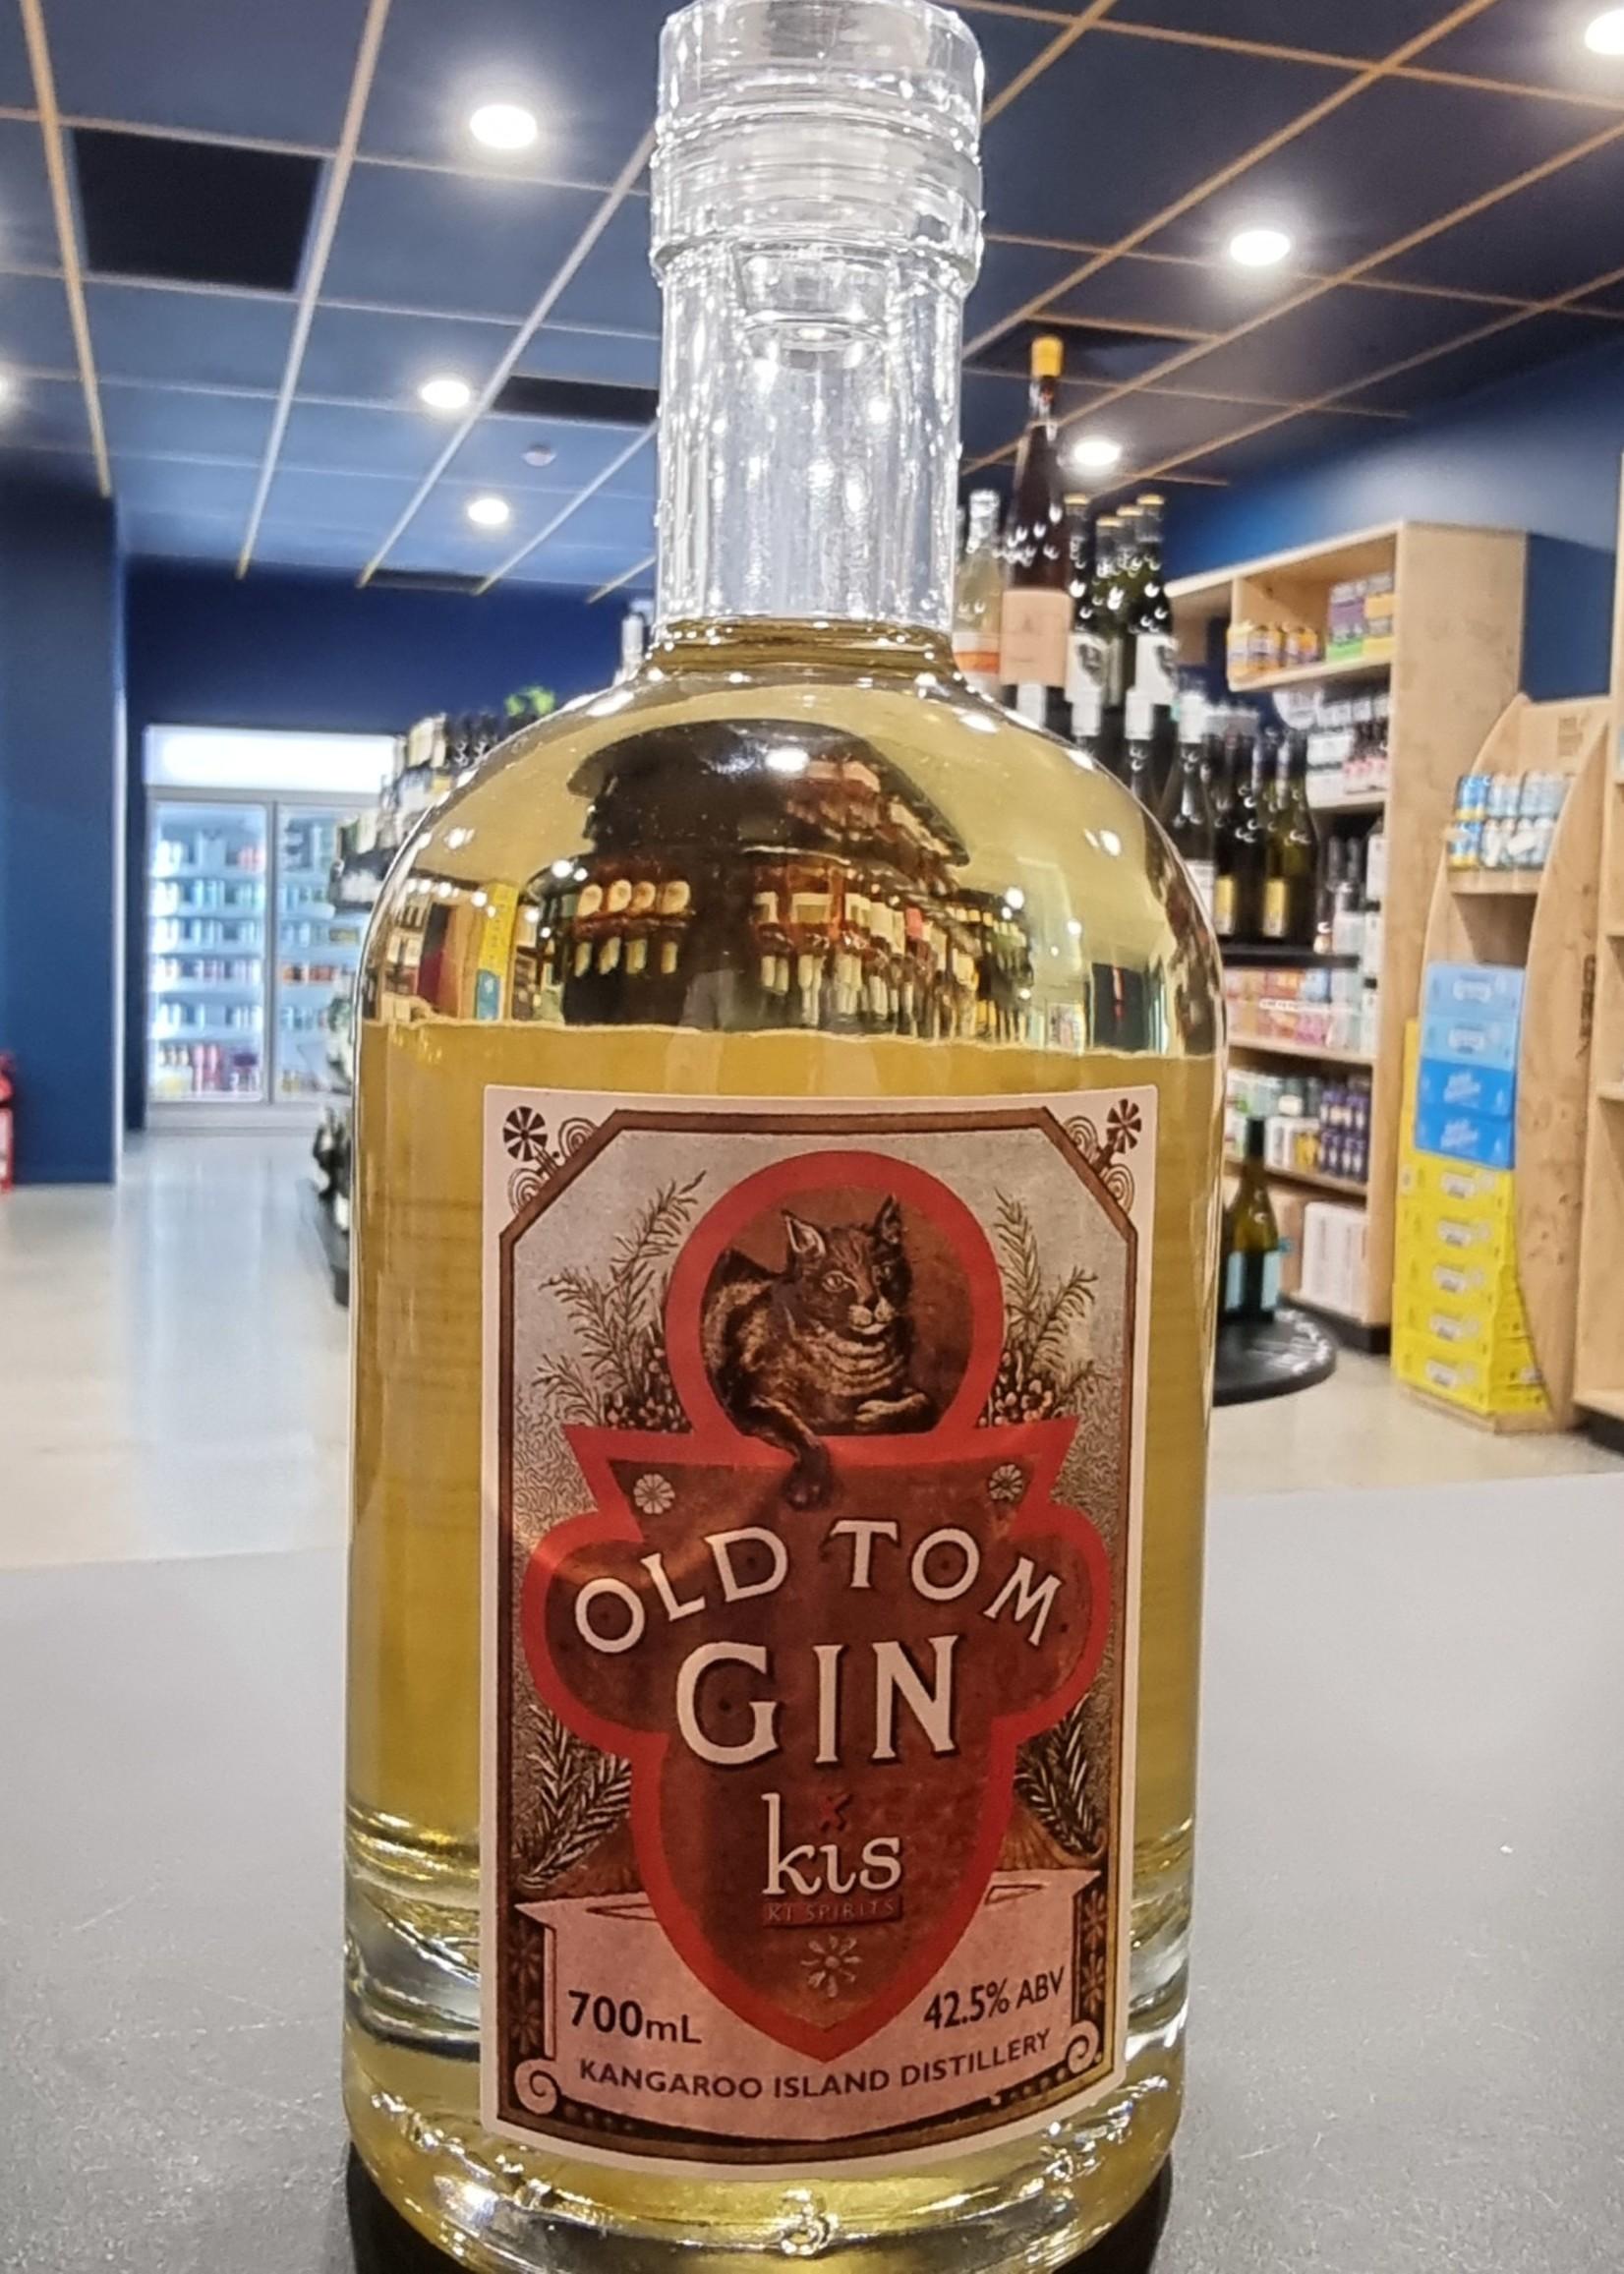 KIS KIS Old Tom Gin